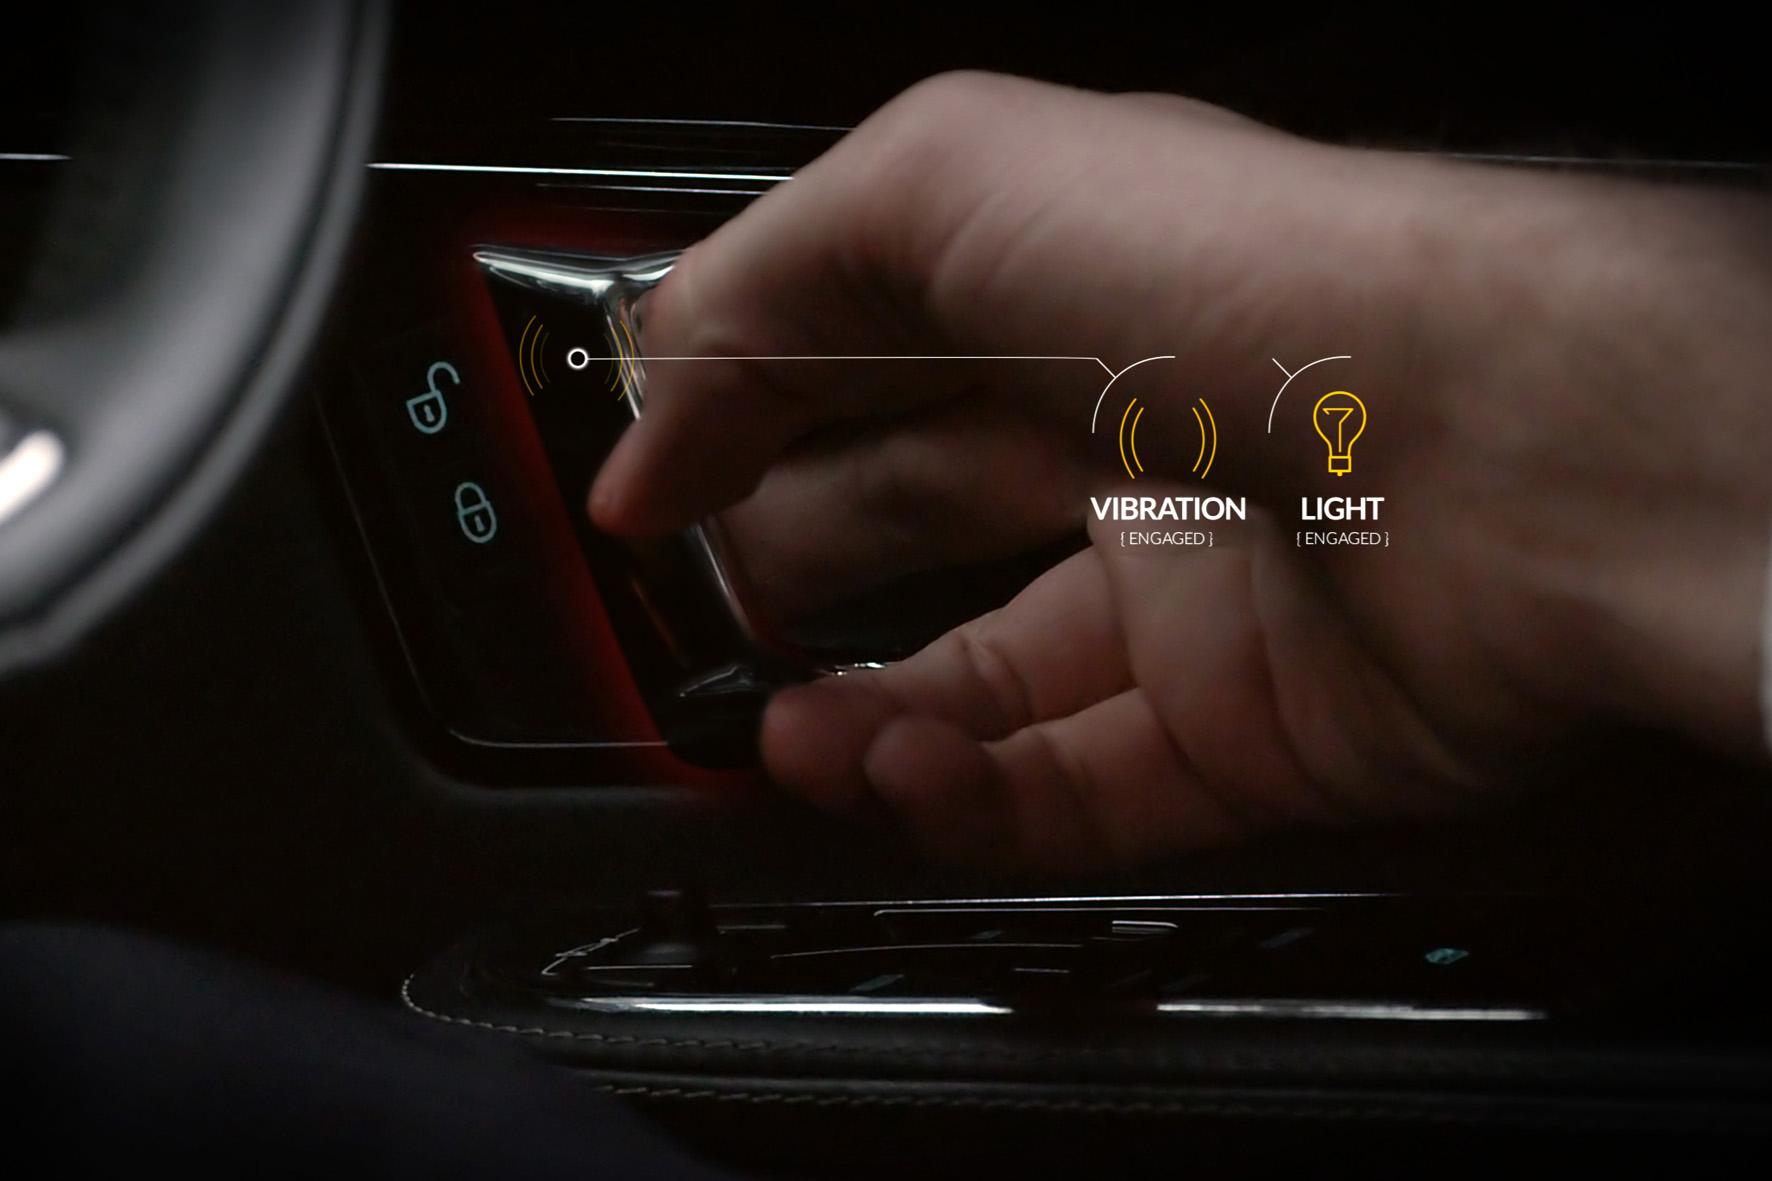 Zweirad-Erkennung im Auto soll Unfälle verhindern